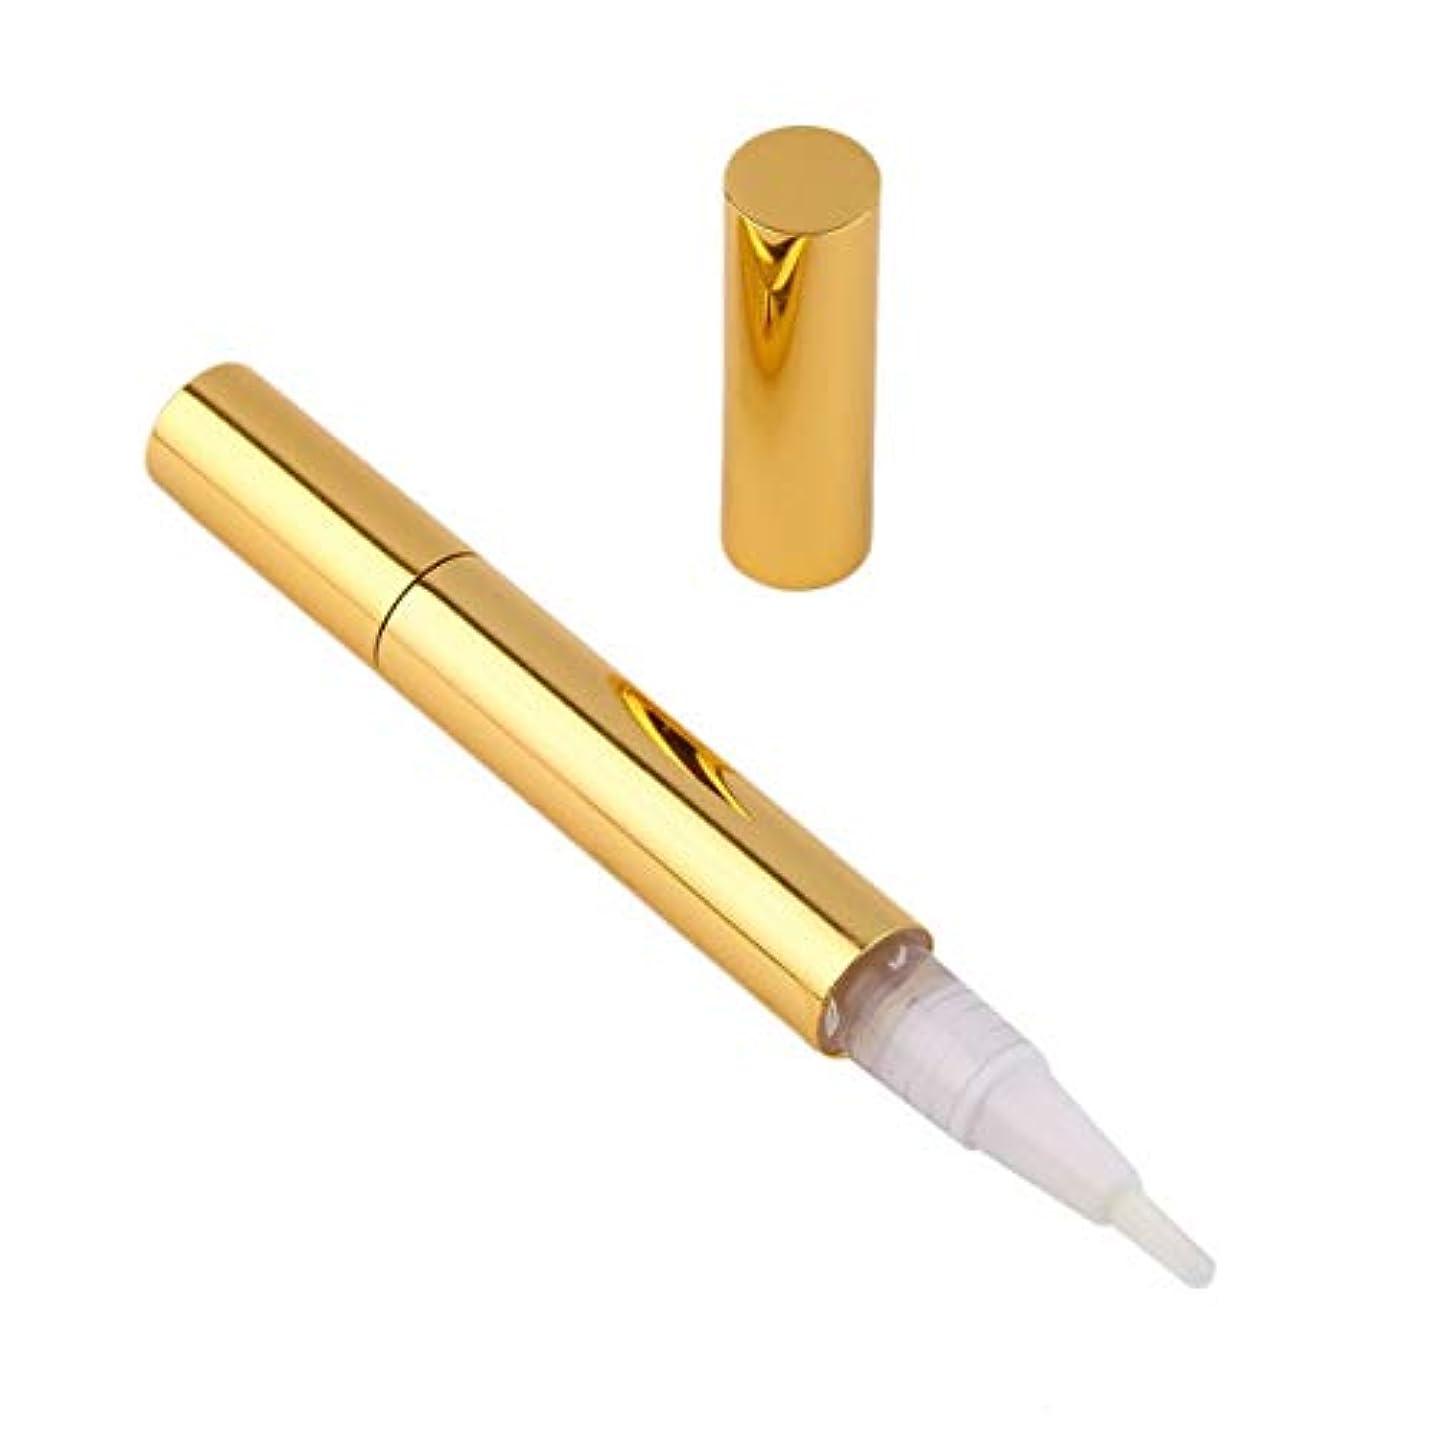 認知いくつかの水没歯のホワイトニングペンの歯のジェルホワイトナー漂白剤の除去歯のジェルインスタント活性酸素バブル-黄色